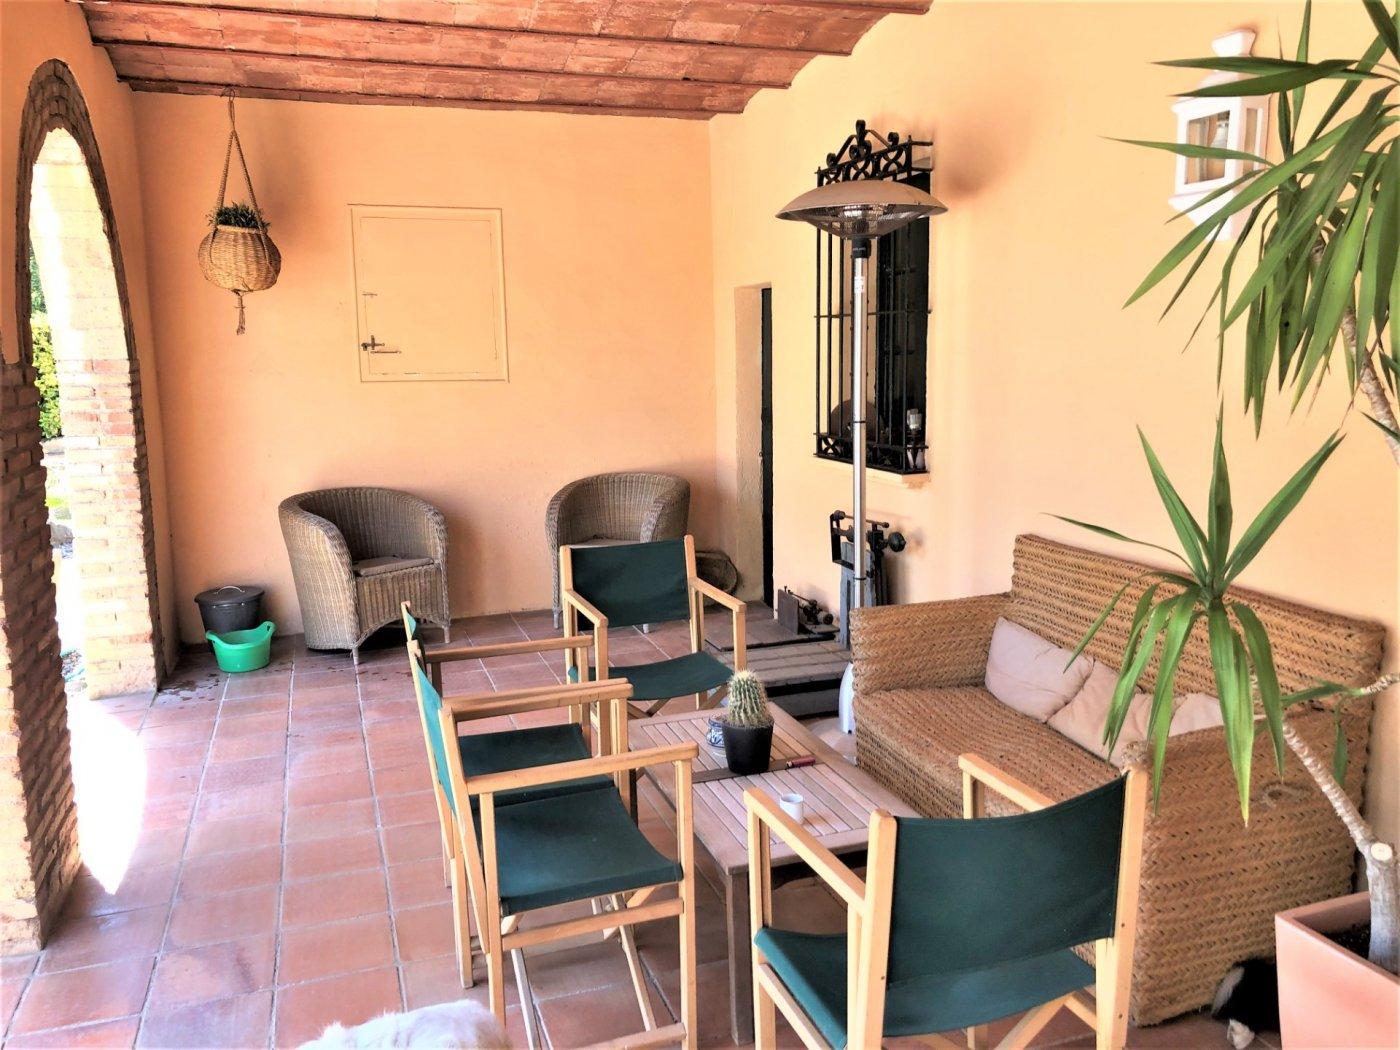 Casa en venta en montblanc - imagenInmueble11